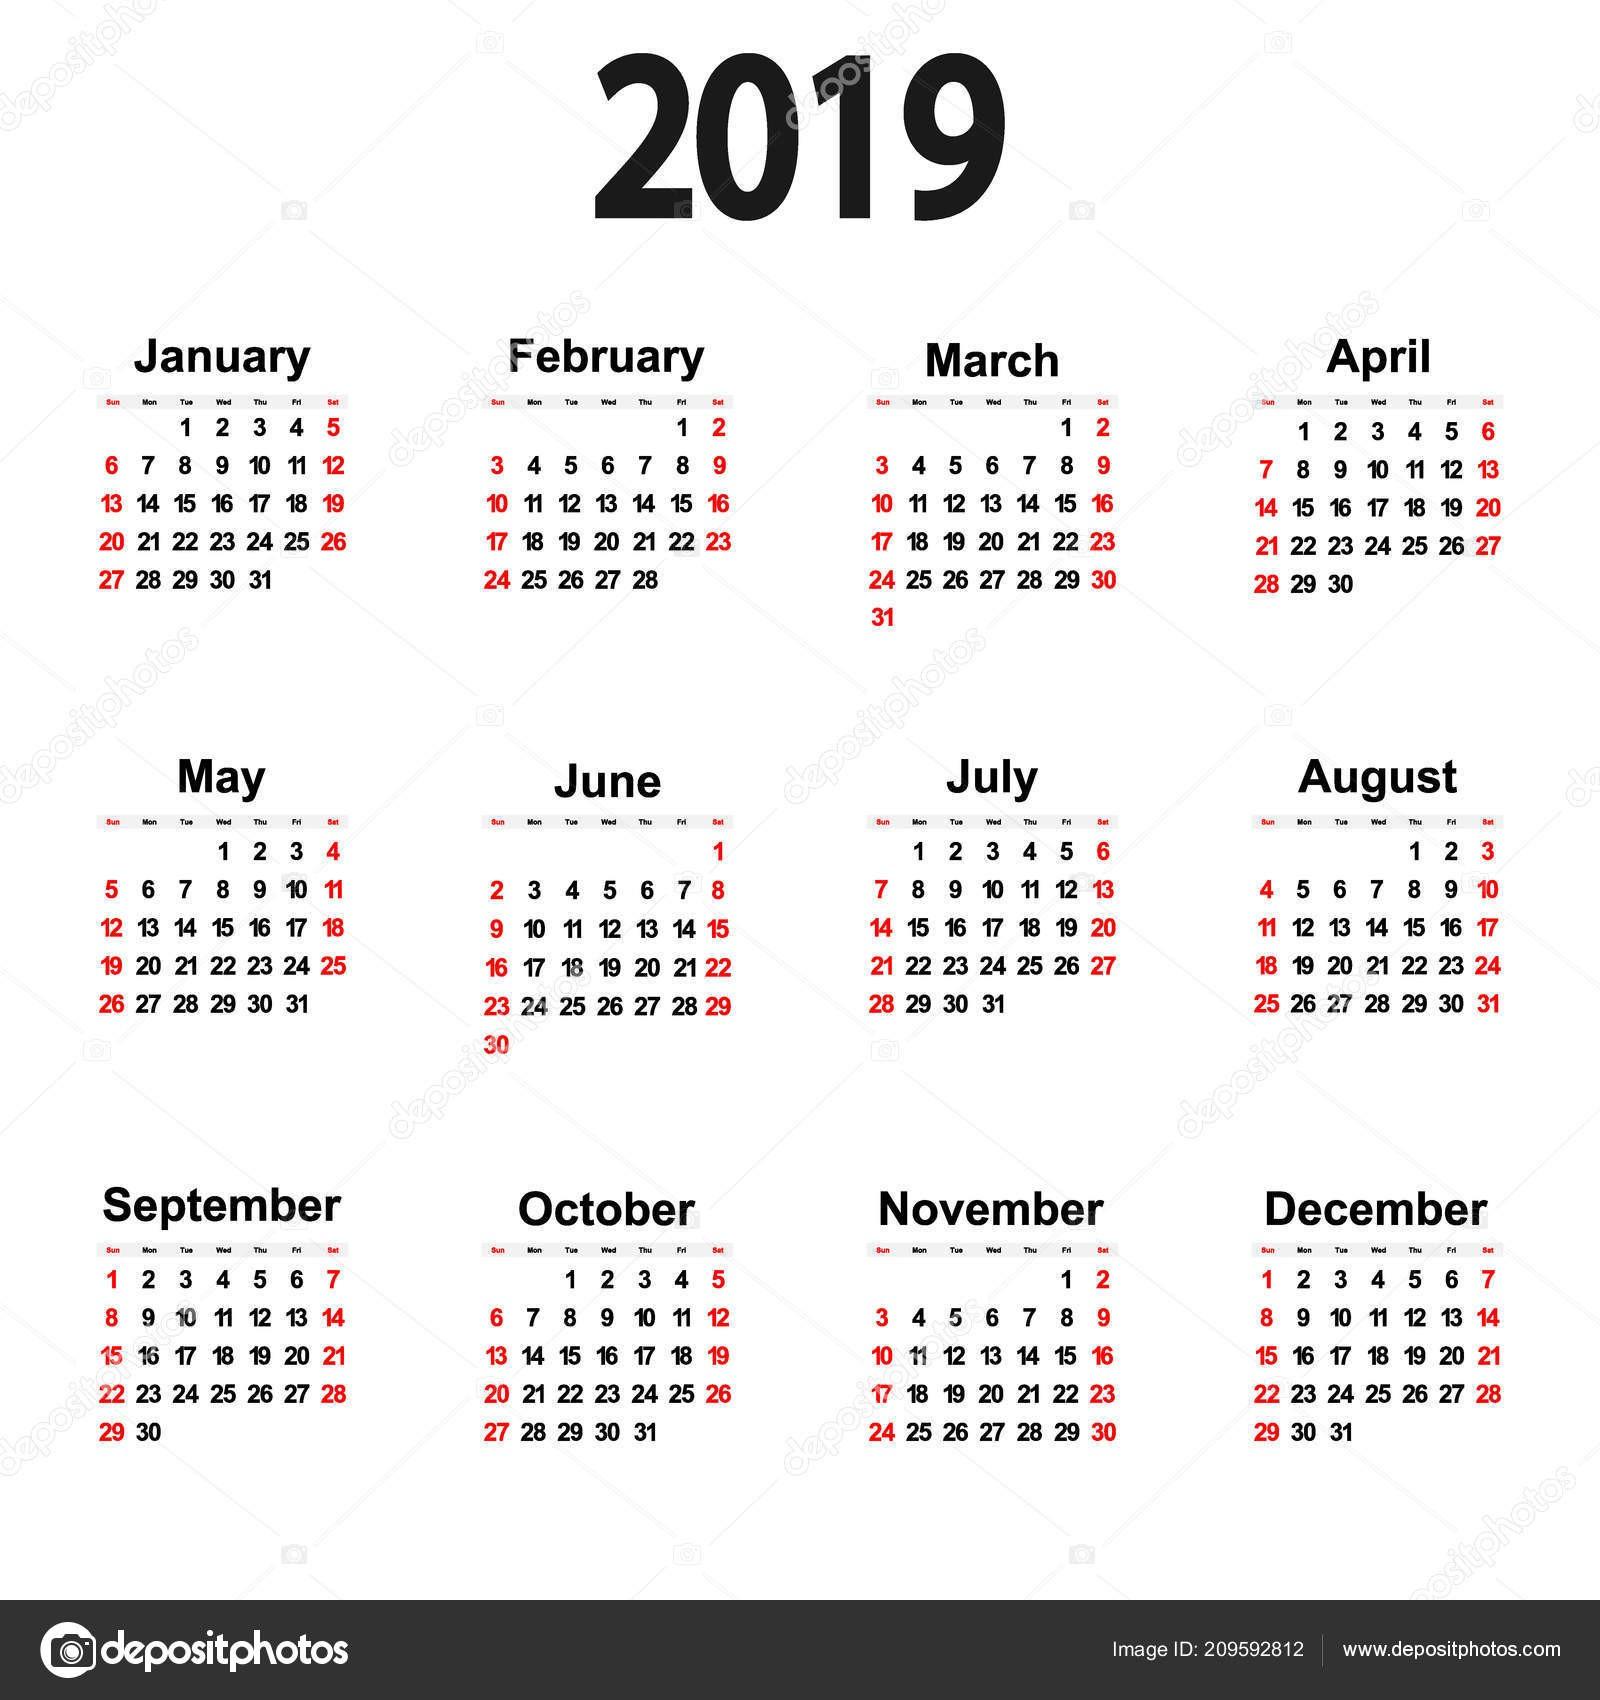 Calendário 2019 Com Feriados Nacionais E Estaduais Para Imprimir Más Caliente Calendario Grande